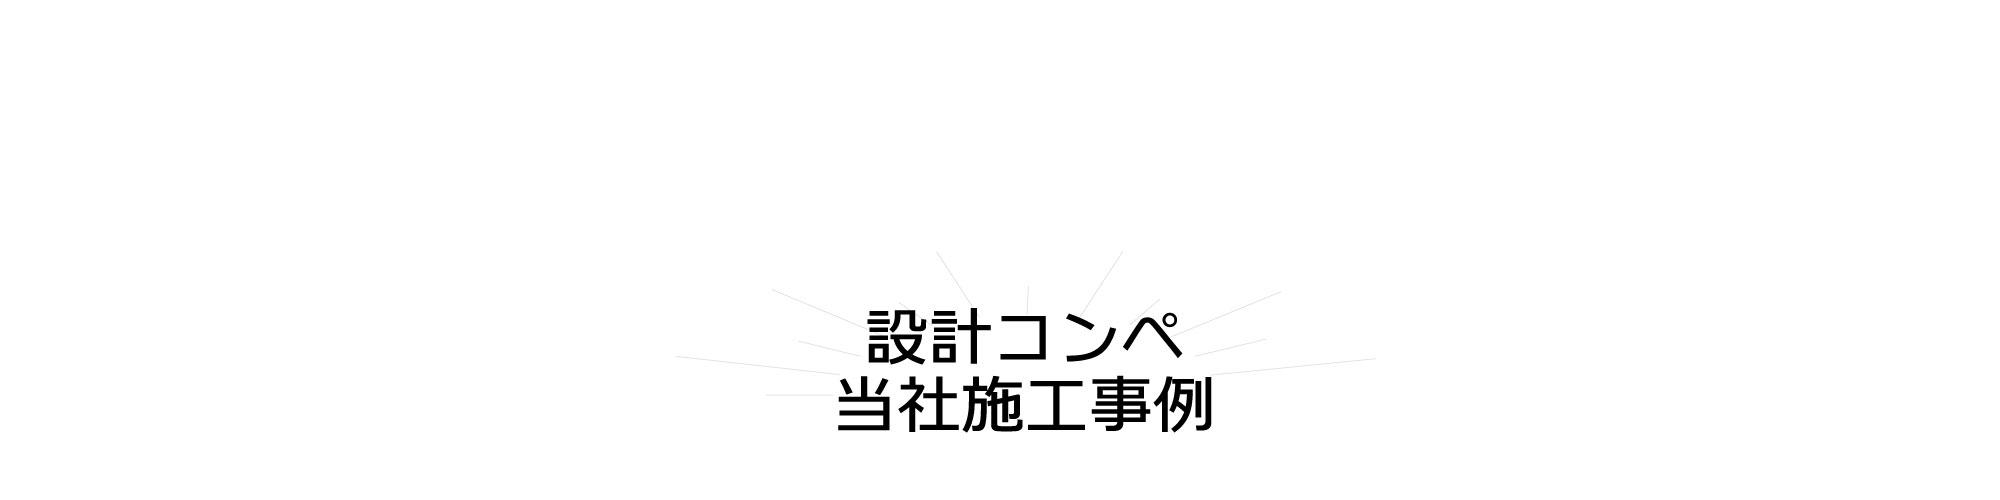 設計コンペ施工事例